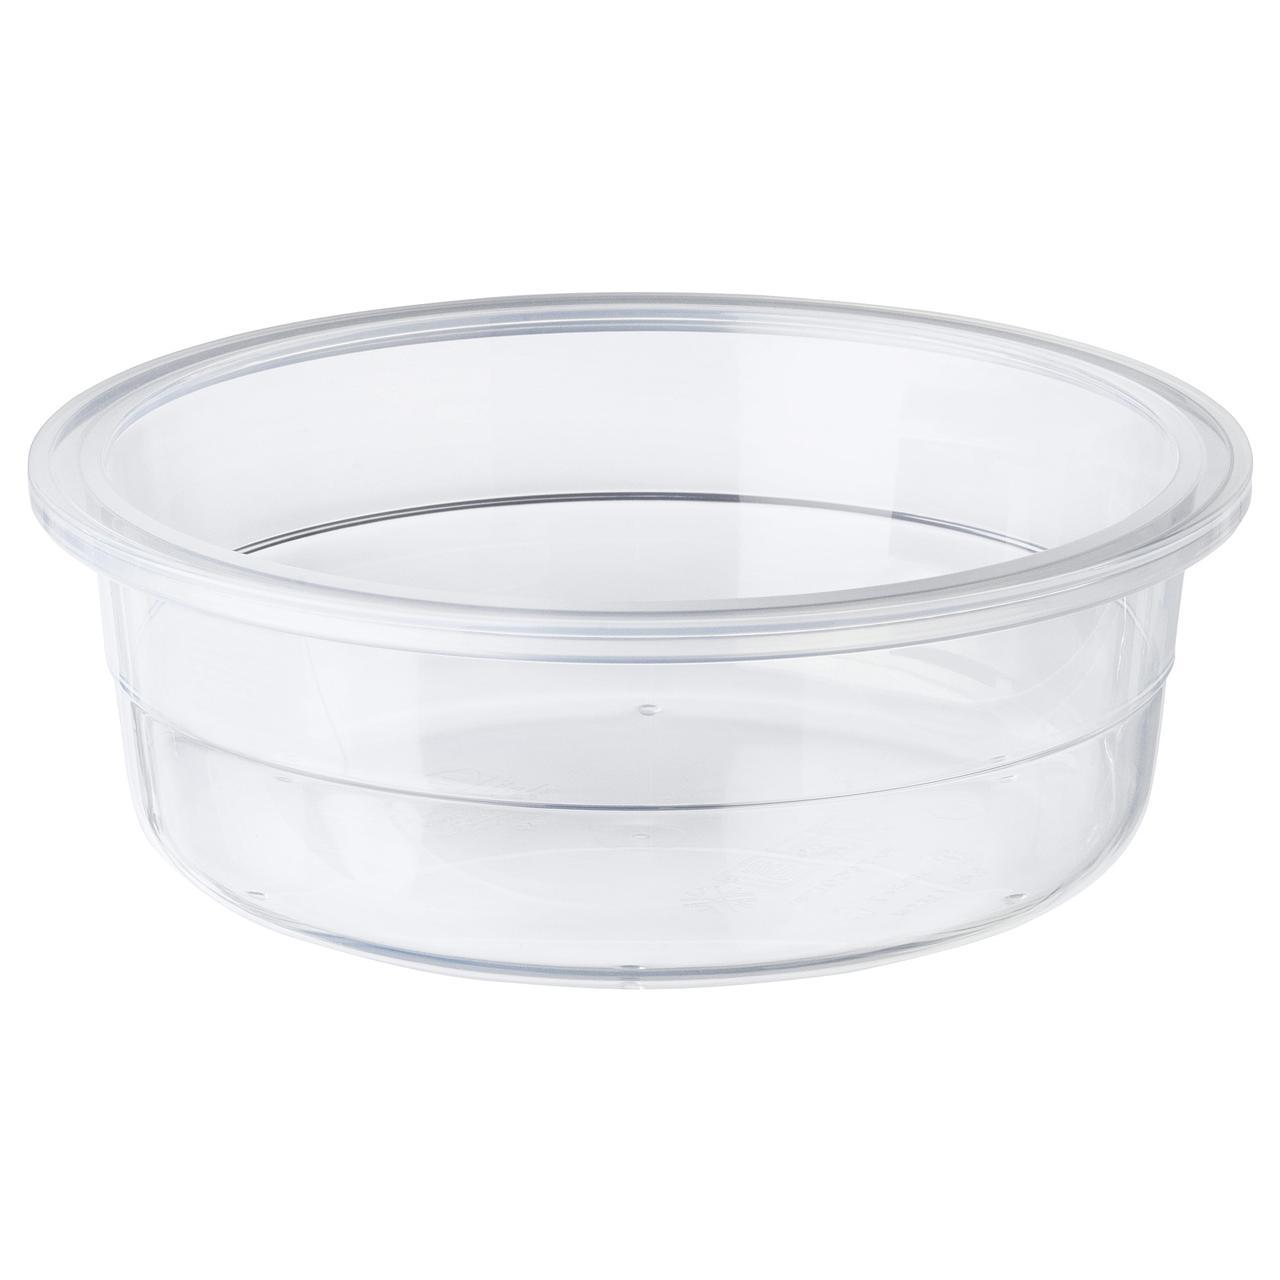 ИКЕА/365+ Контейнер для продуктов, круглой формы, пластик